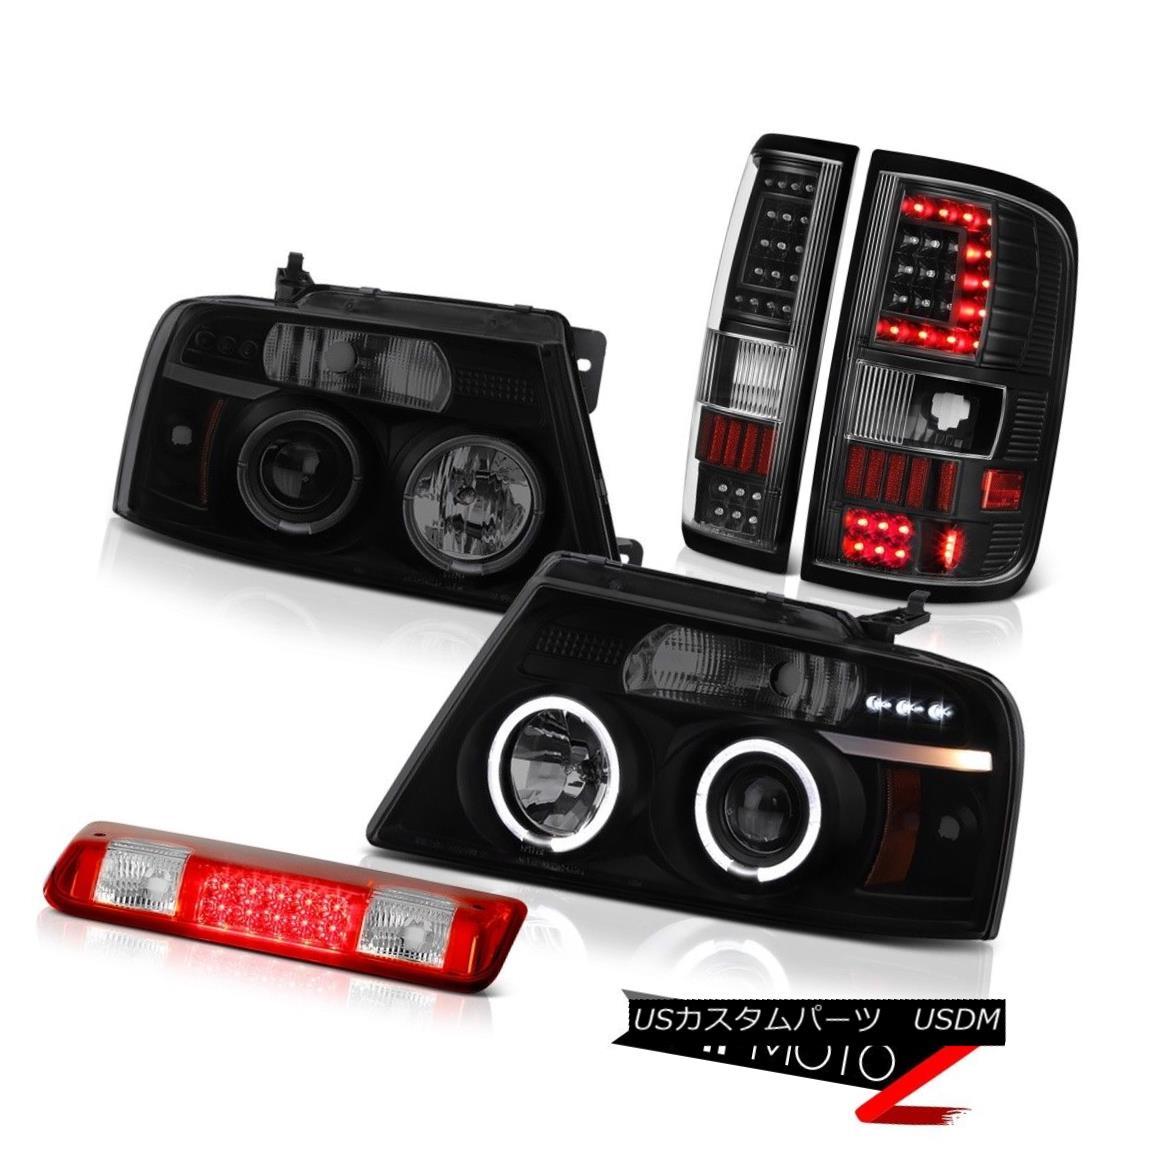 テールライト 04-07 08 Ford F150 Led Bar Tail Lamps Rosso Red 3Rd Brake Head Replacement L+R 04-07 08フォードF150 LEDテールランプロッソレッド3Rdブレーキヘッド交換L + R